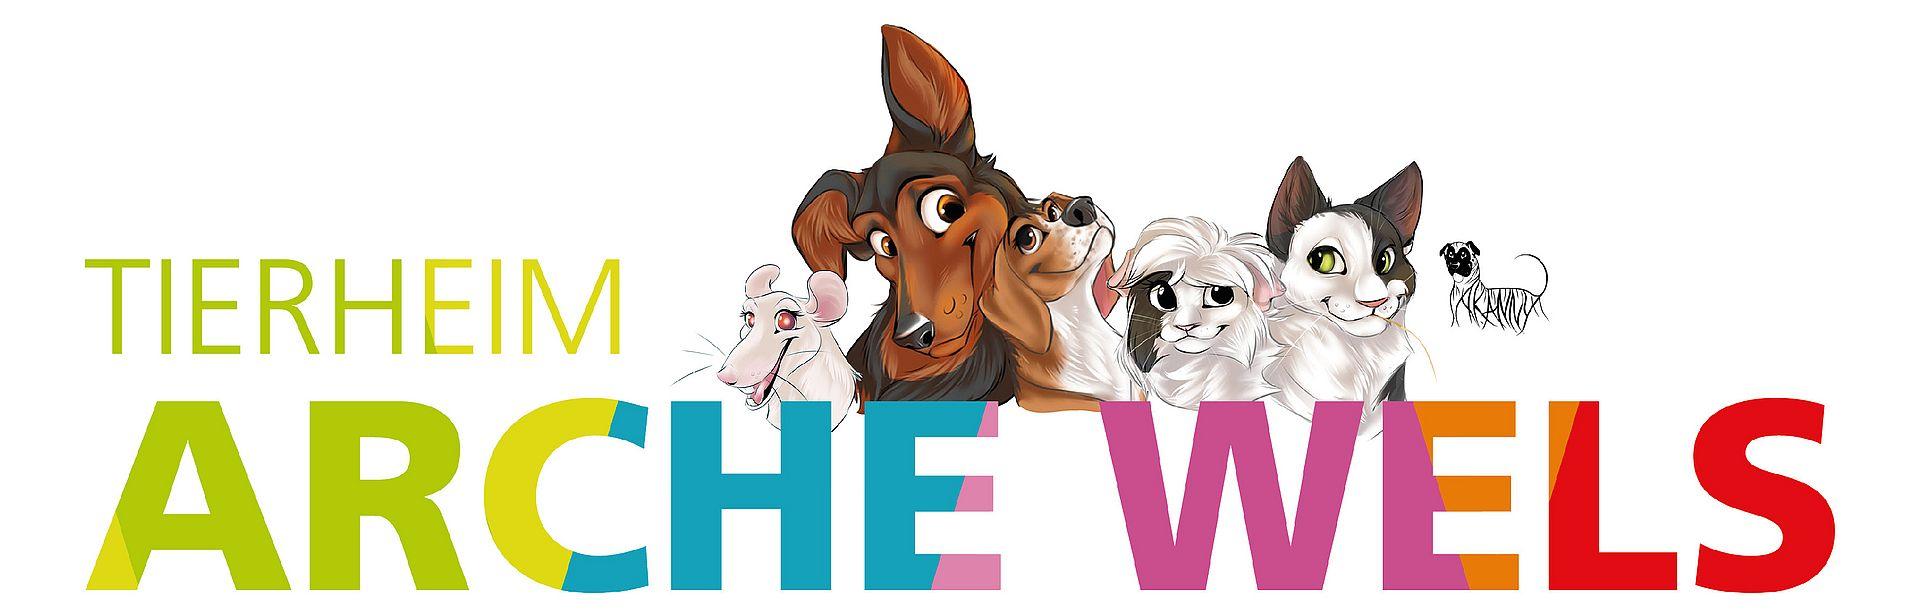 Tierheim Arche Wels - Logo mit Cartoon-Darstellungen von Tieren